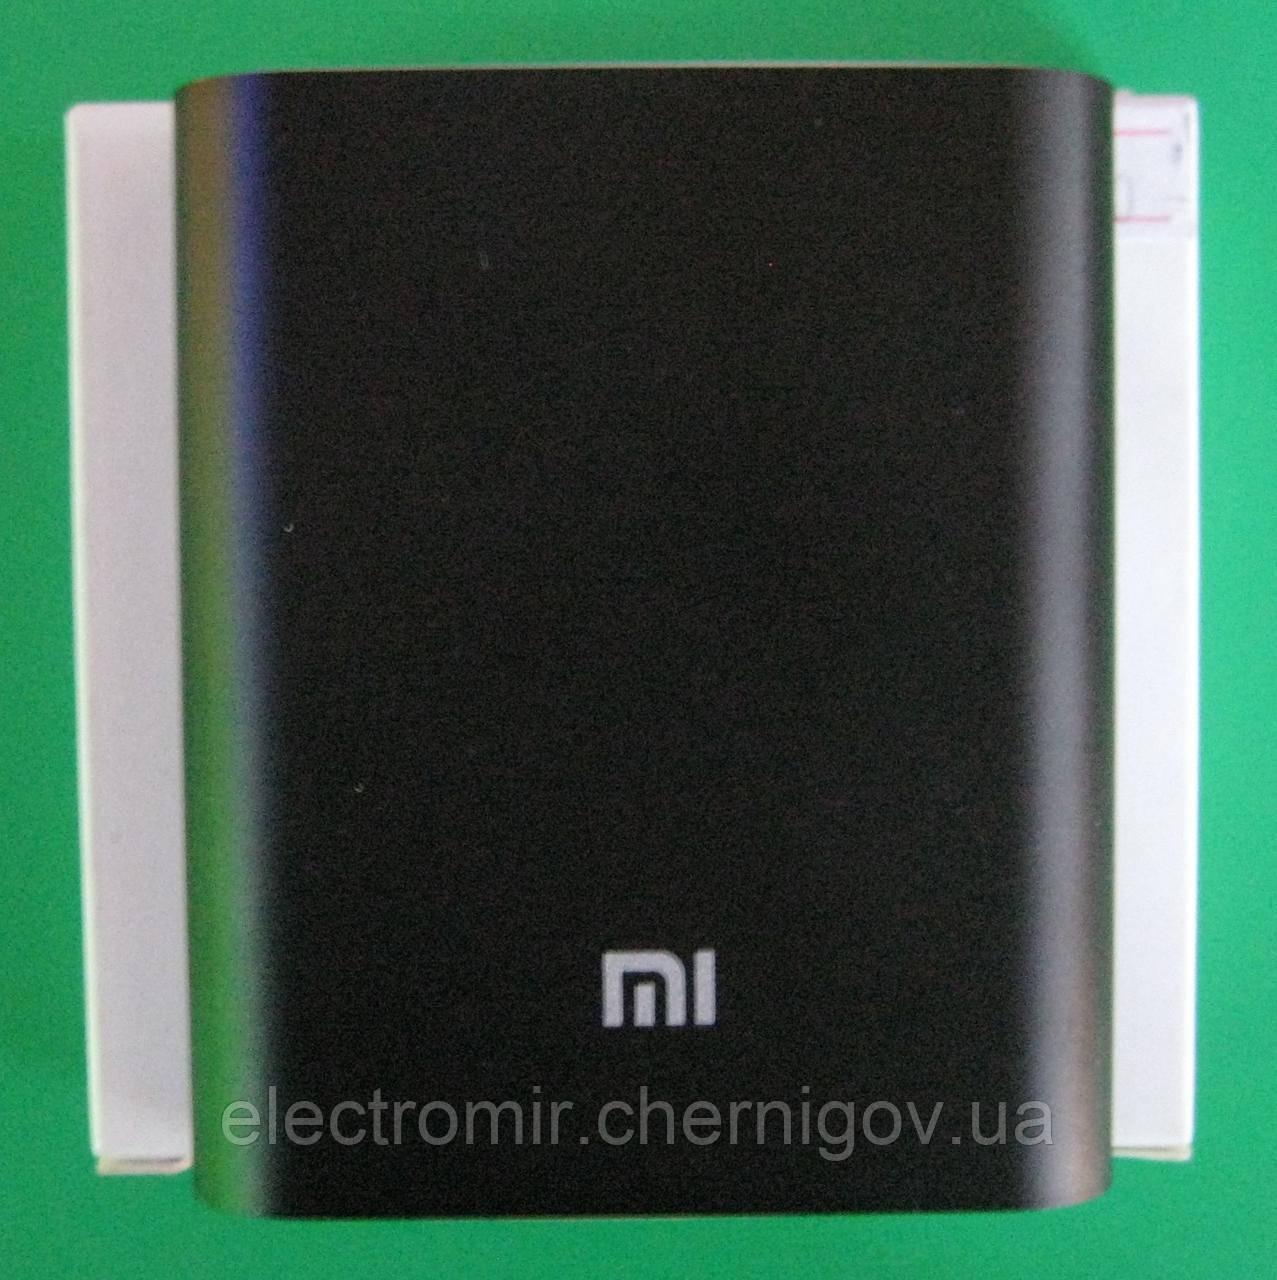 Портативный аккумулятор Xiaomi 10400 mAh (черный)